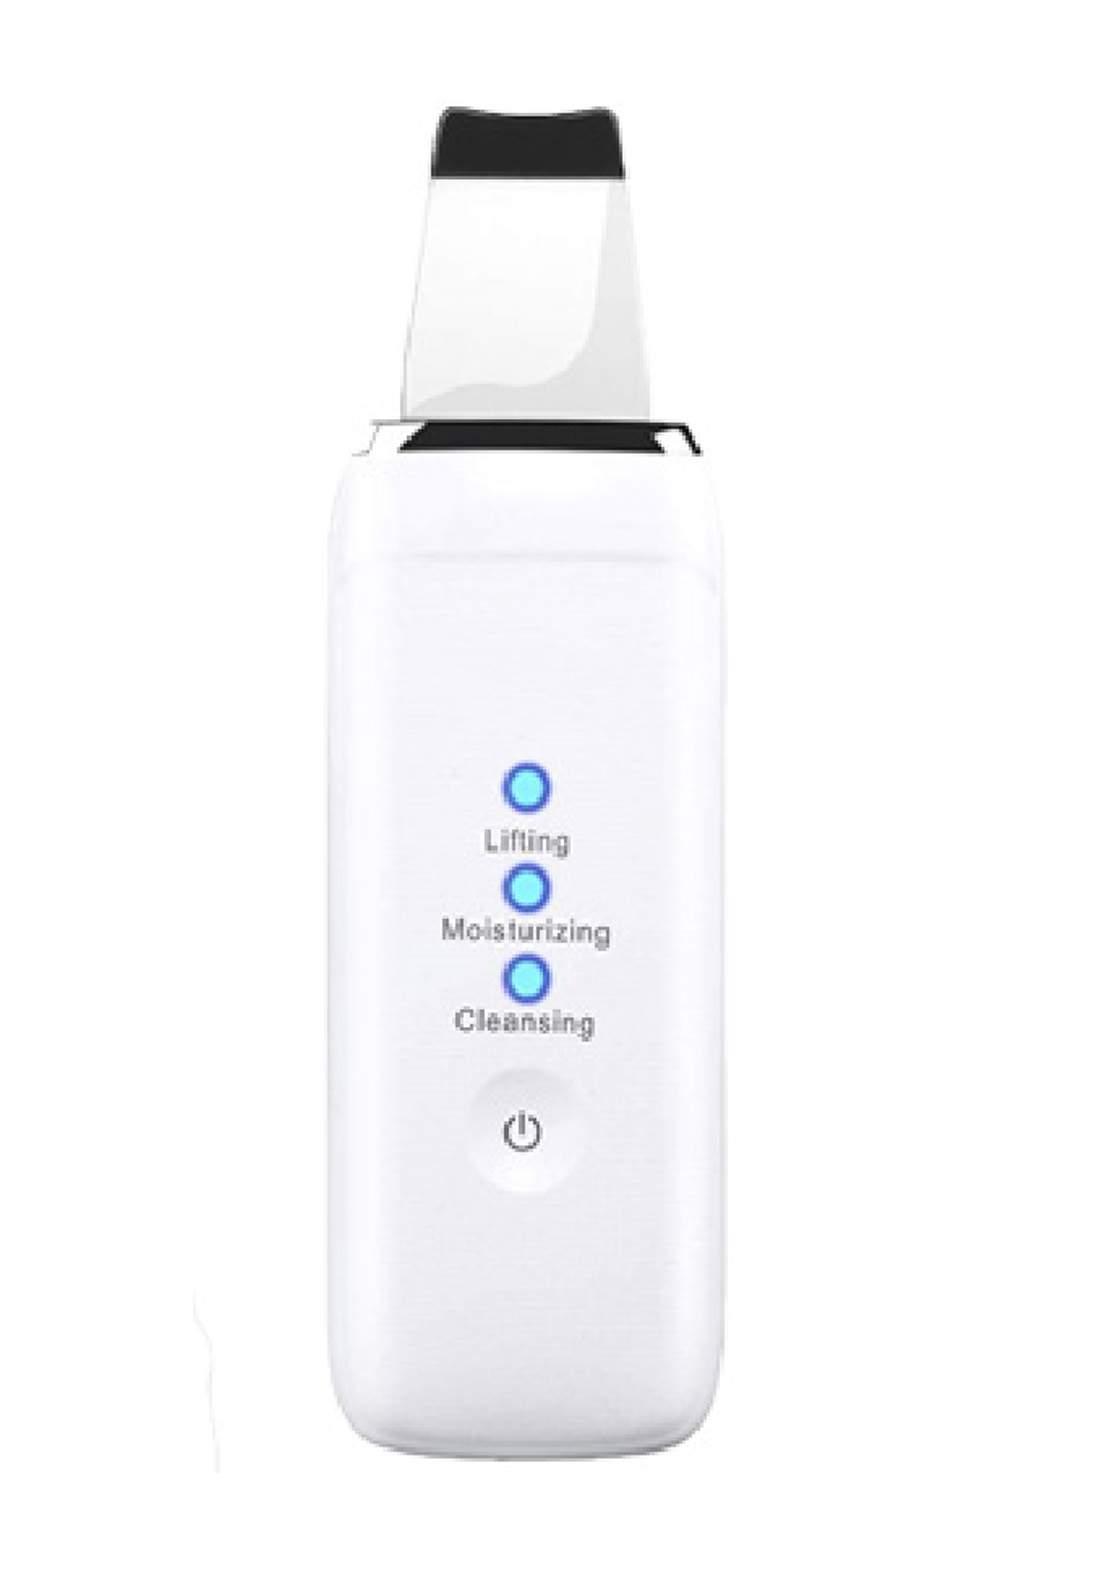 Ultrasonic Skin Scrubber جهاز تنظيف البشرة